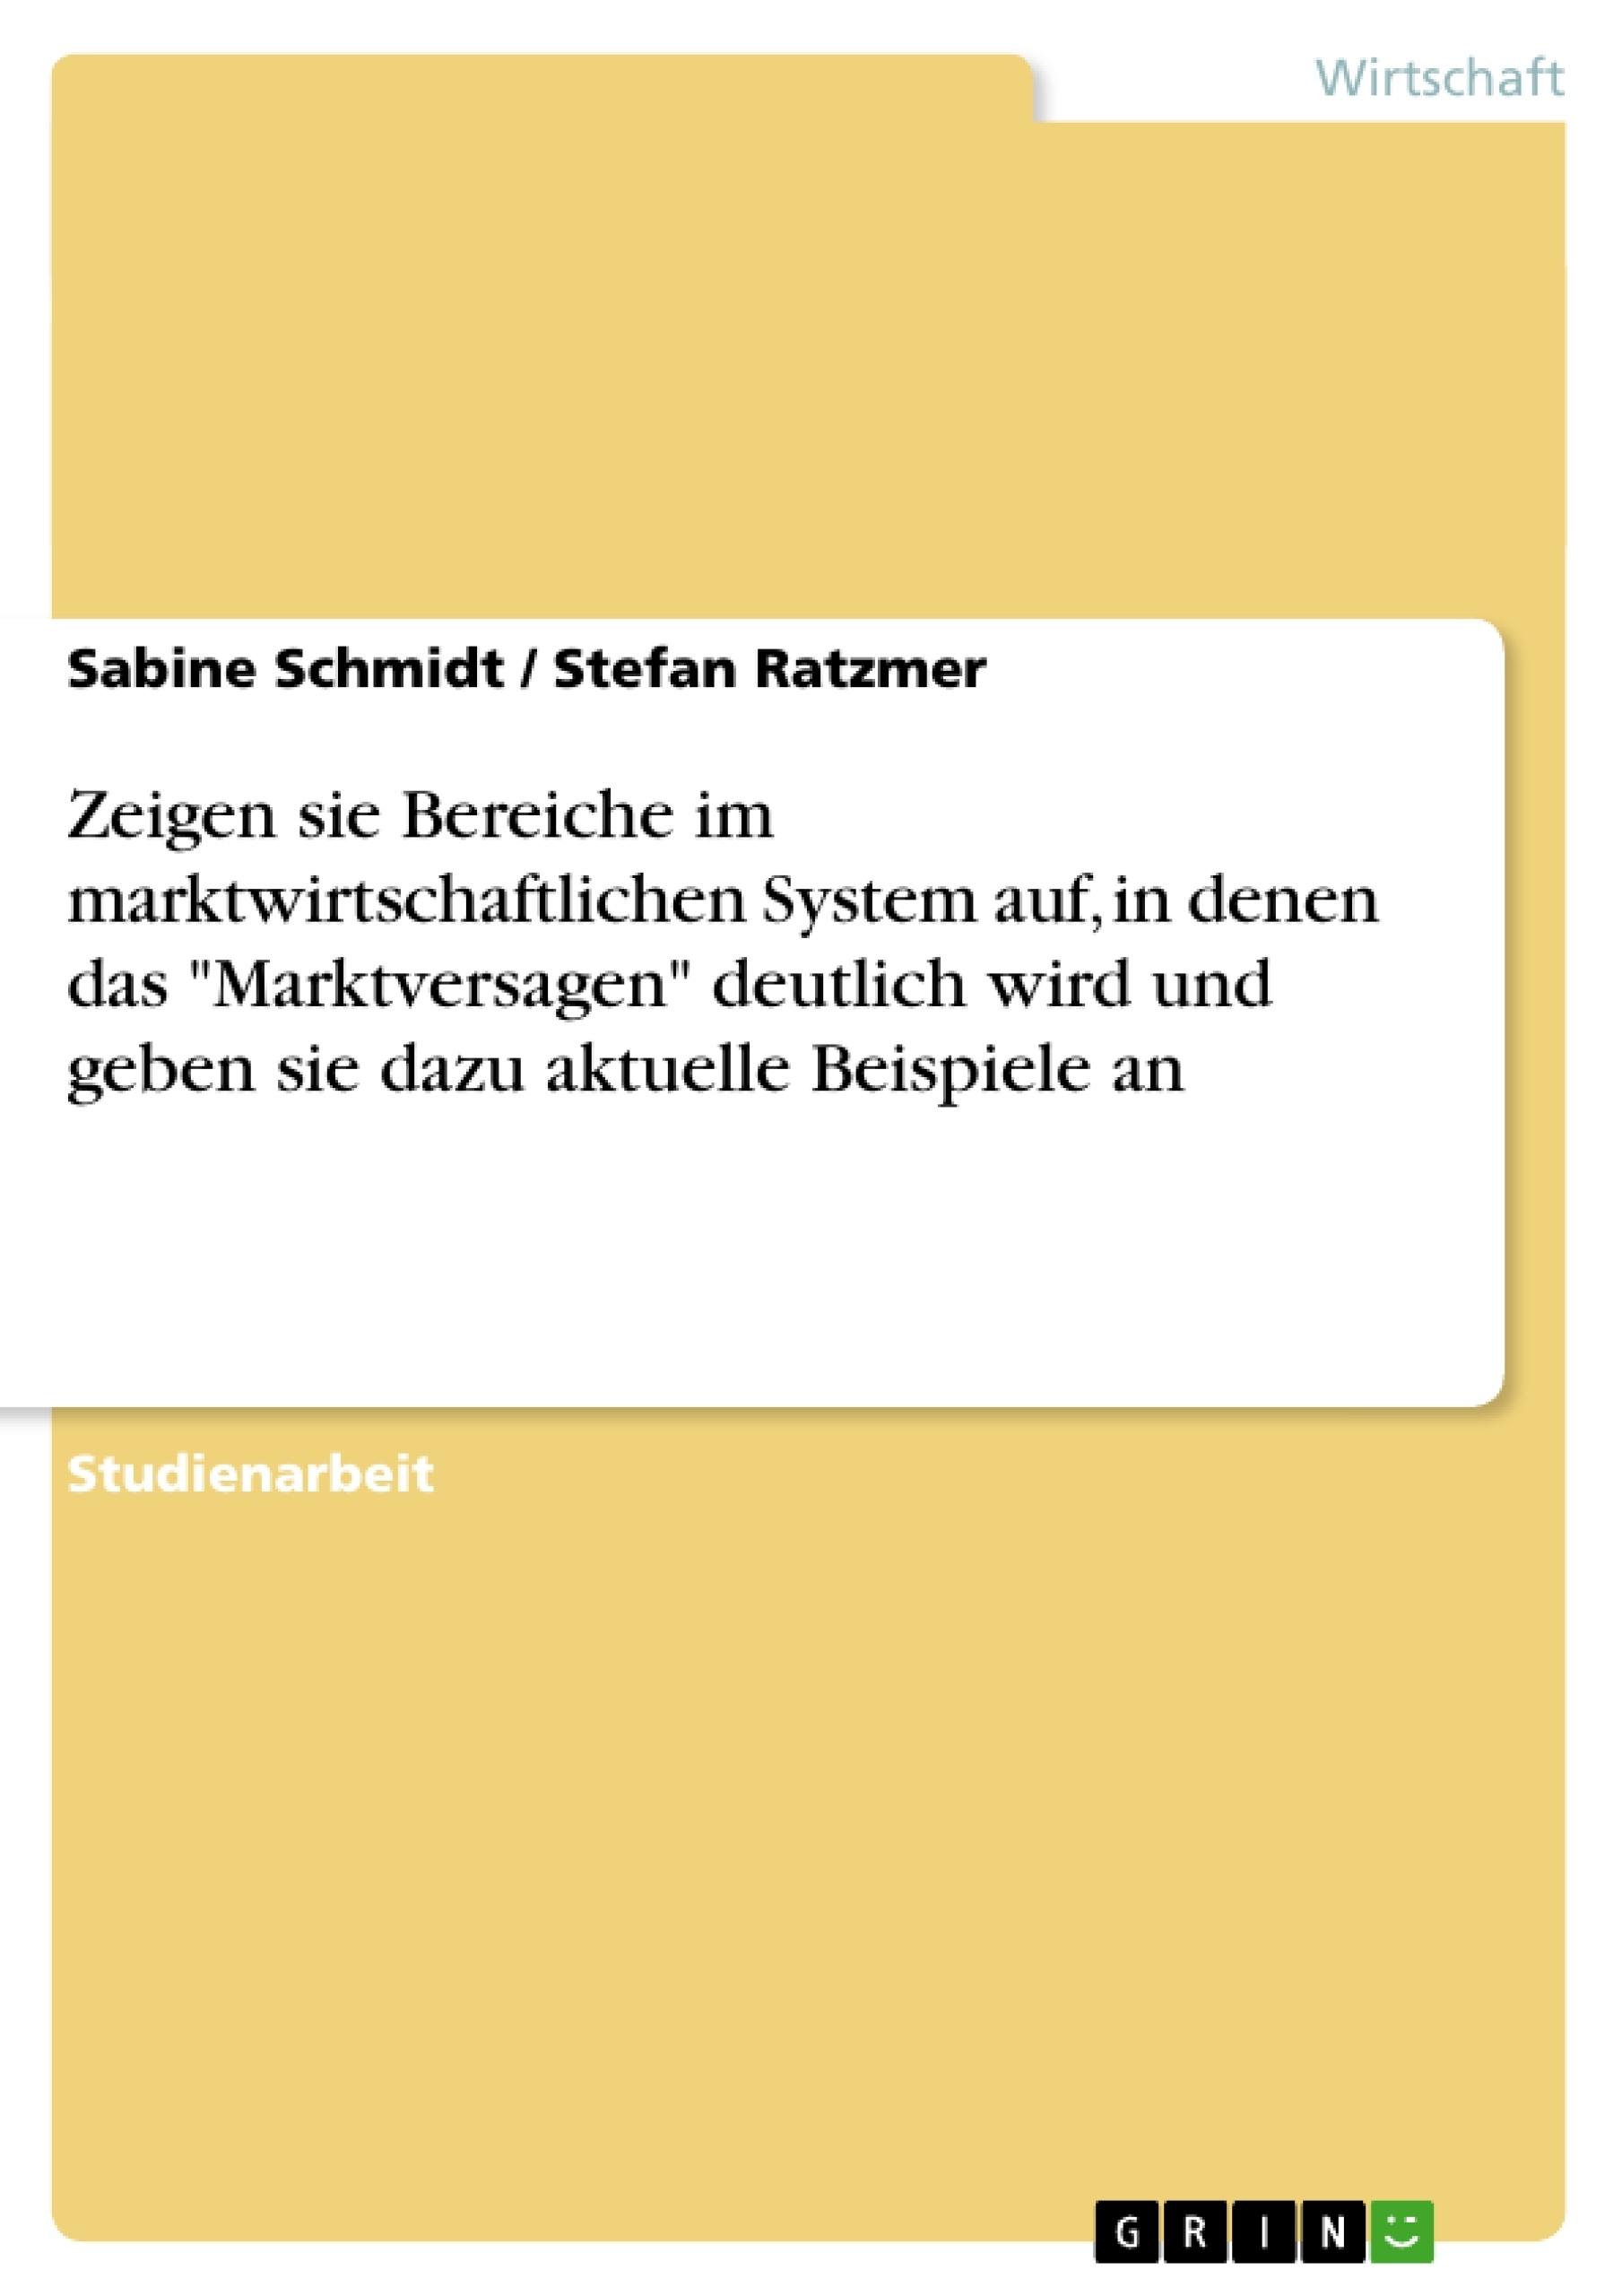 """Titel: Zeigen sie Bereiche im marktwirtschaftlichen System auf, in denen das """"Marktversagen"""" deutlich wird und geben sie dazu aktuelle Beispiele an"""